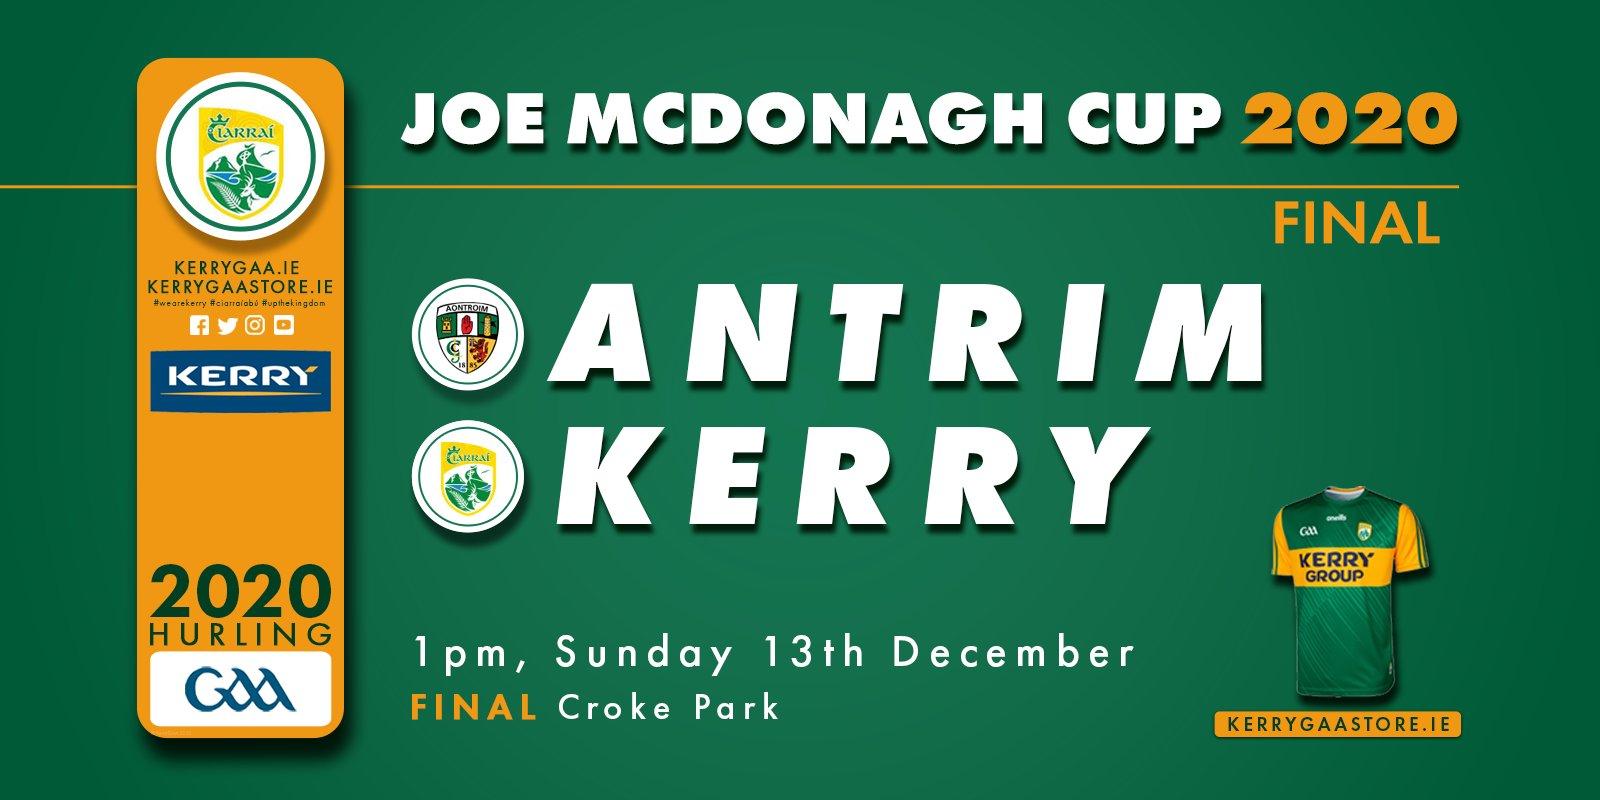 Joe McDonagh Cup Final